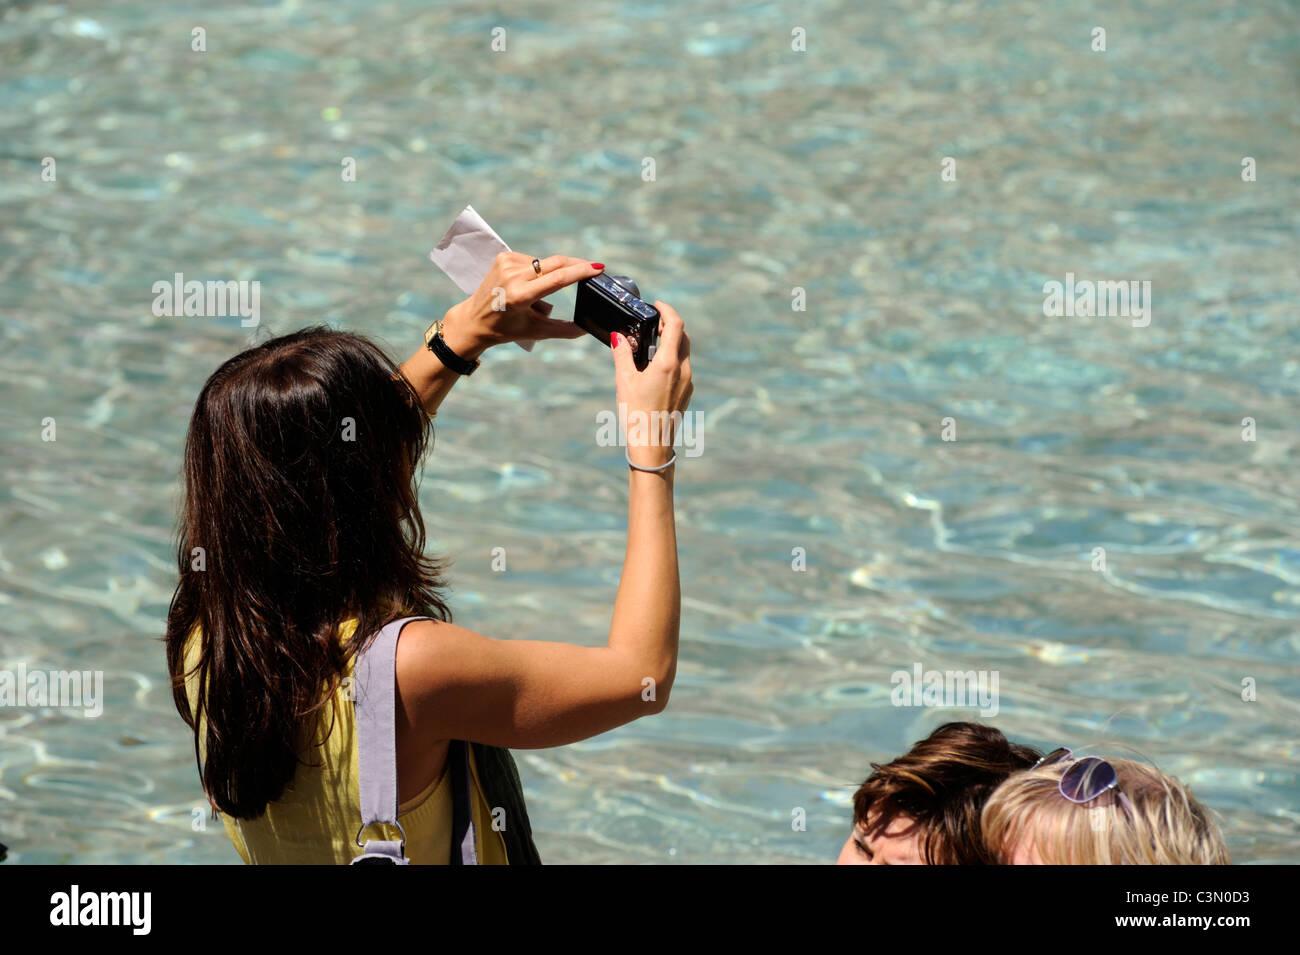 italy, rome, trevi fountain, tourist taking photos - Stock Image